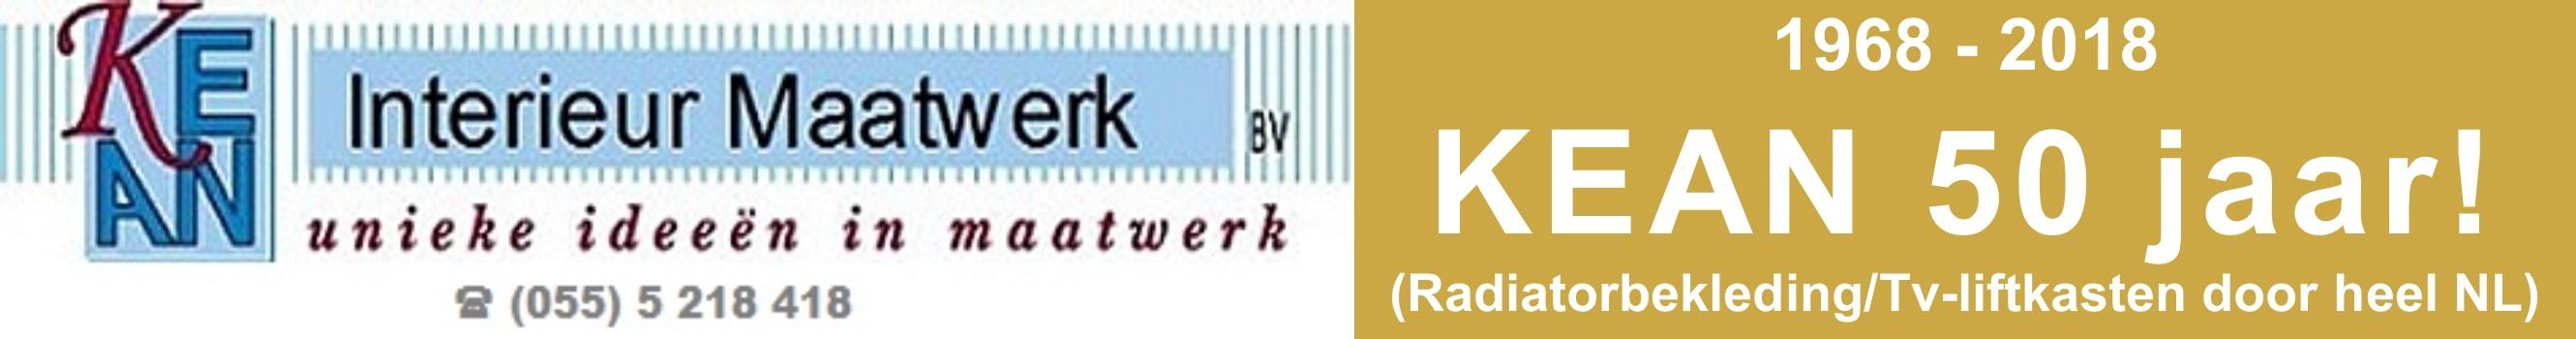 www.kean.nl